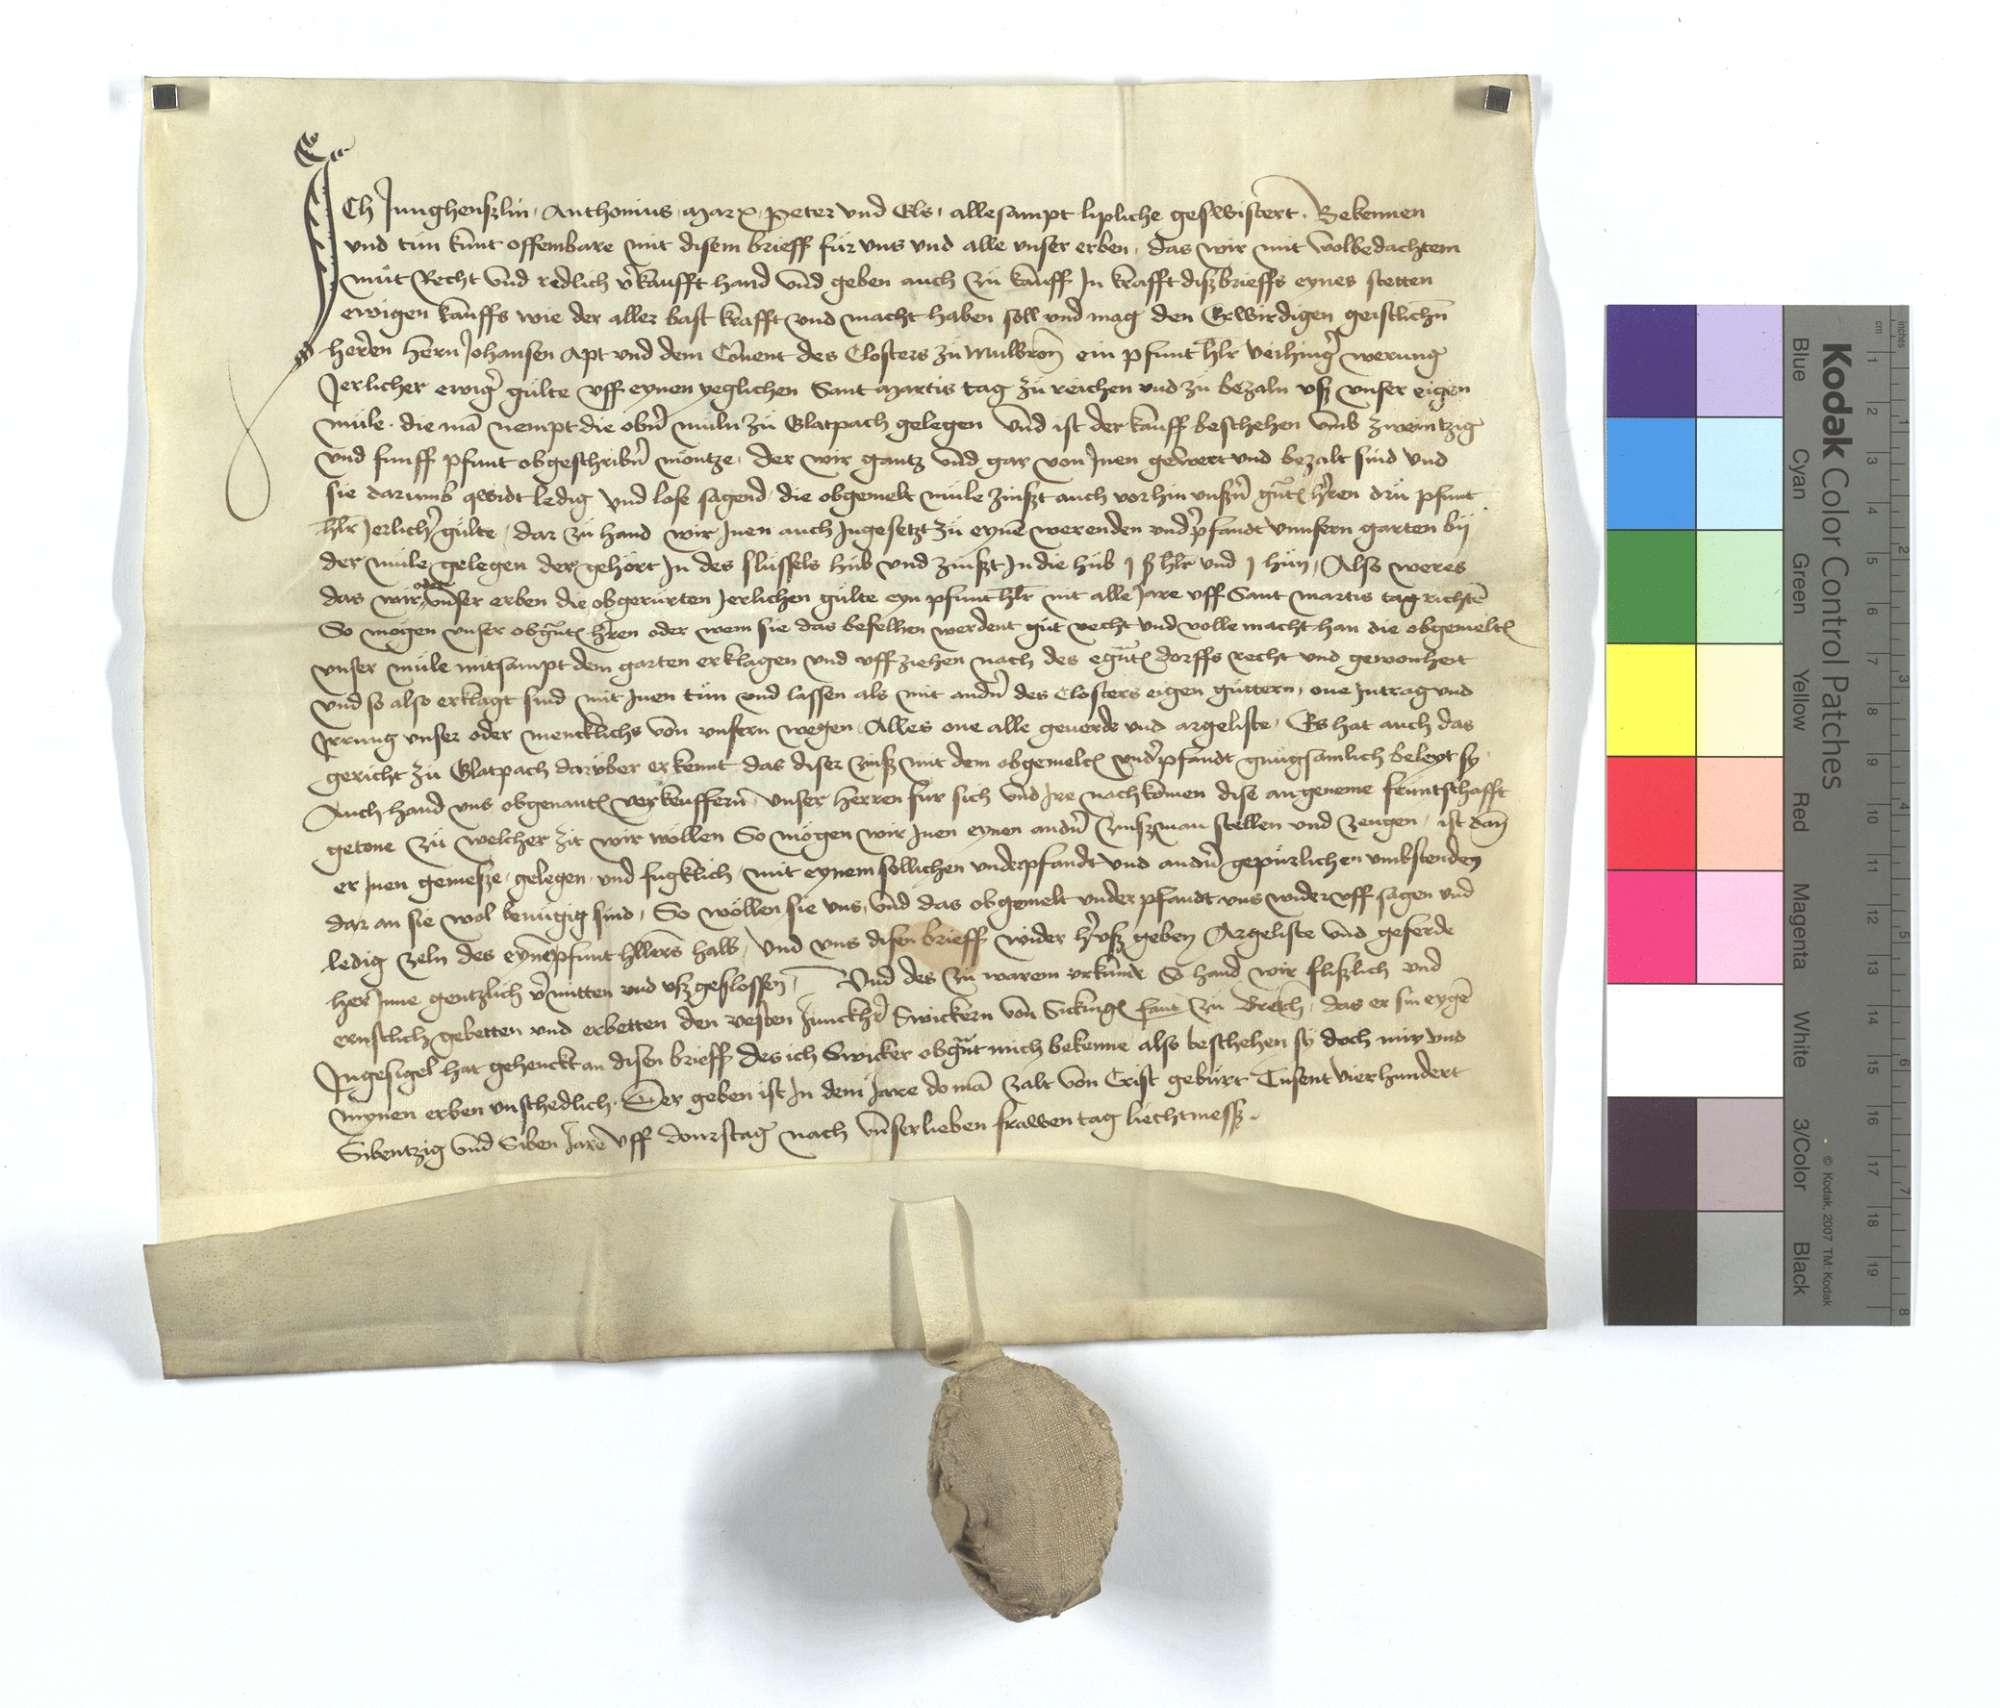 Fertigung um 1 Pfund Heller jährliche Gült aus der Oberen Mühle in Glattbach, die das Kloster Maulbronn käuflich an sich gebracht hat., Text